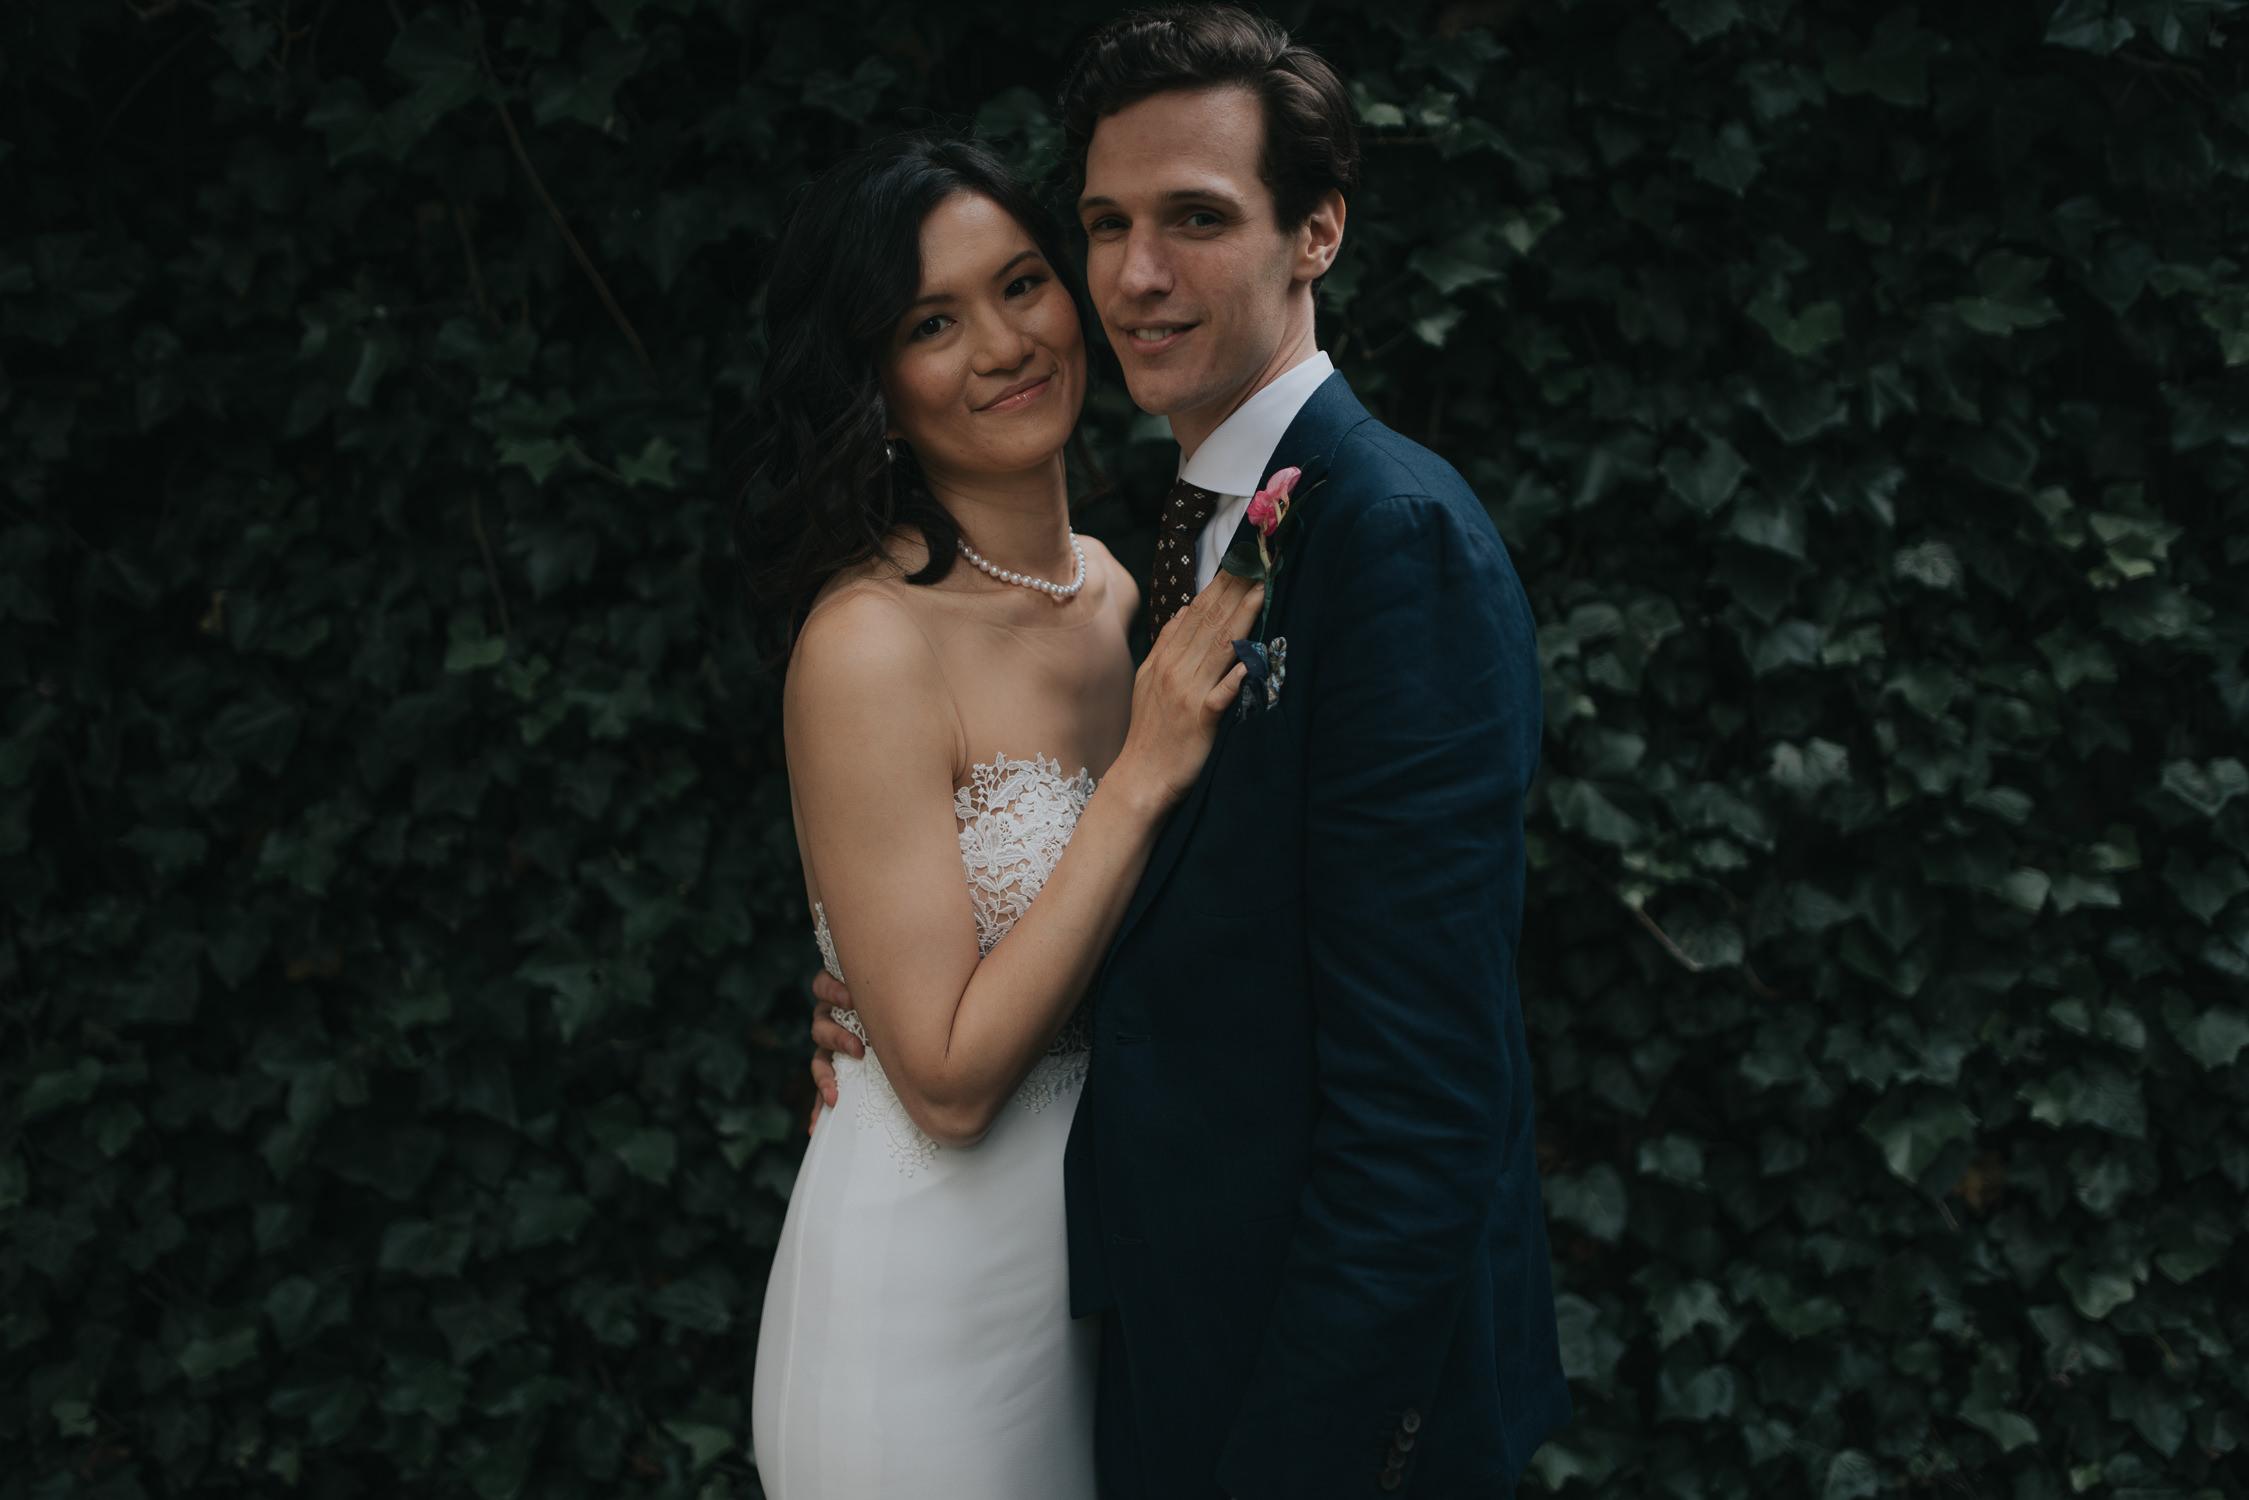 bruidsfotografie-amsterdam-utrecht-mark-hadden-wedding-photography-mike-helen-281.jpg